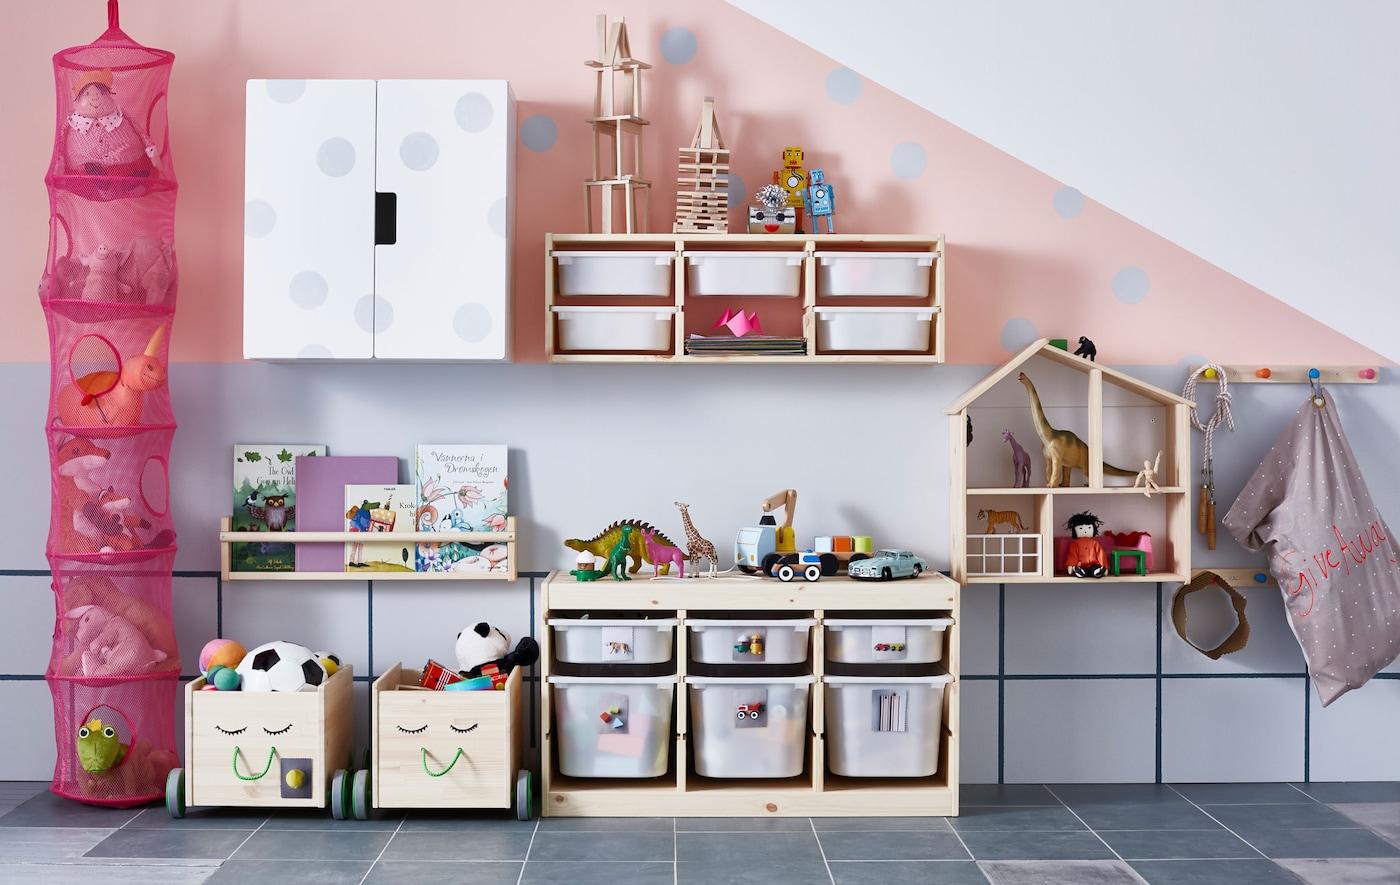 Mur couvert de rangements pour jouets dans une chambre d'enfant.